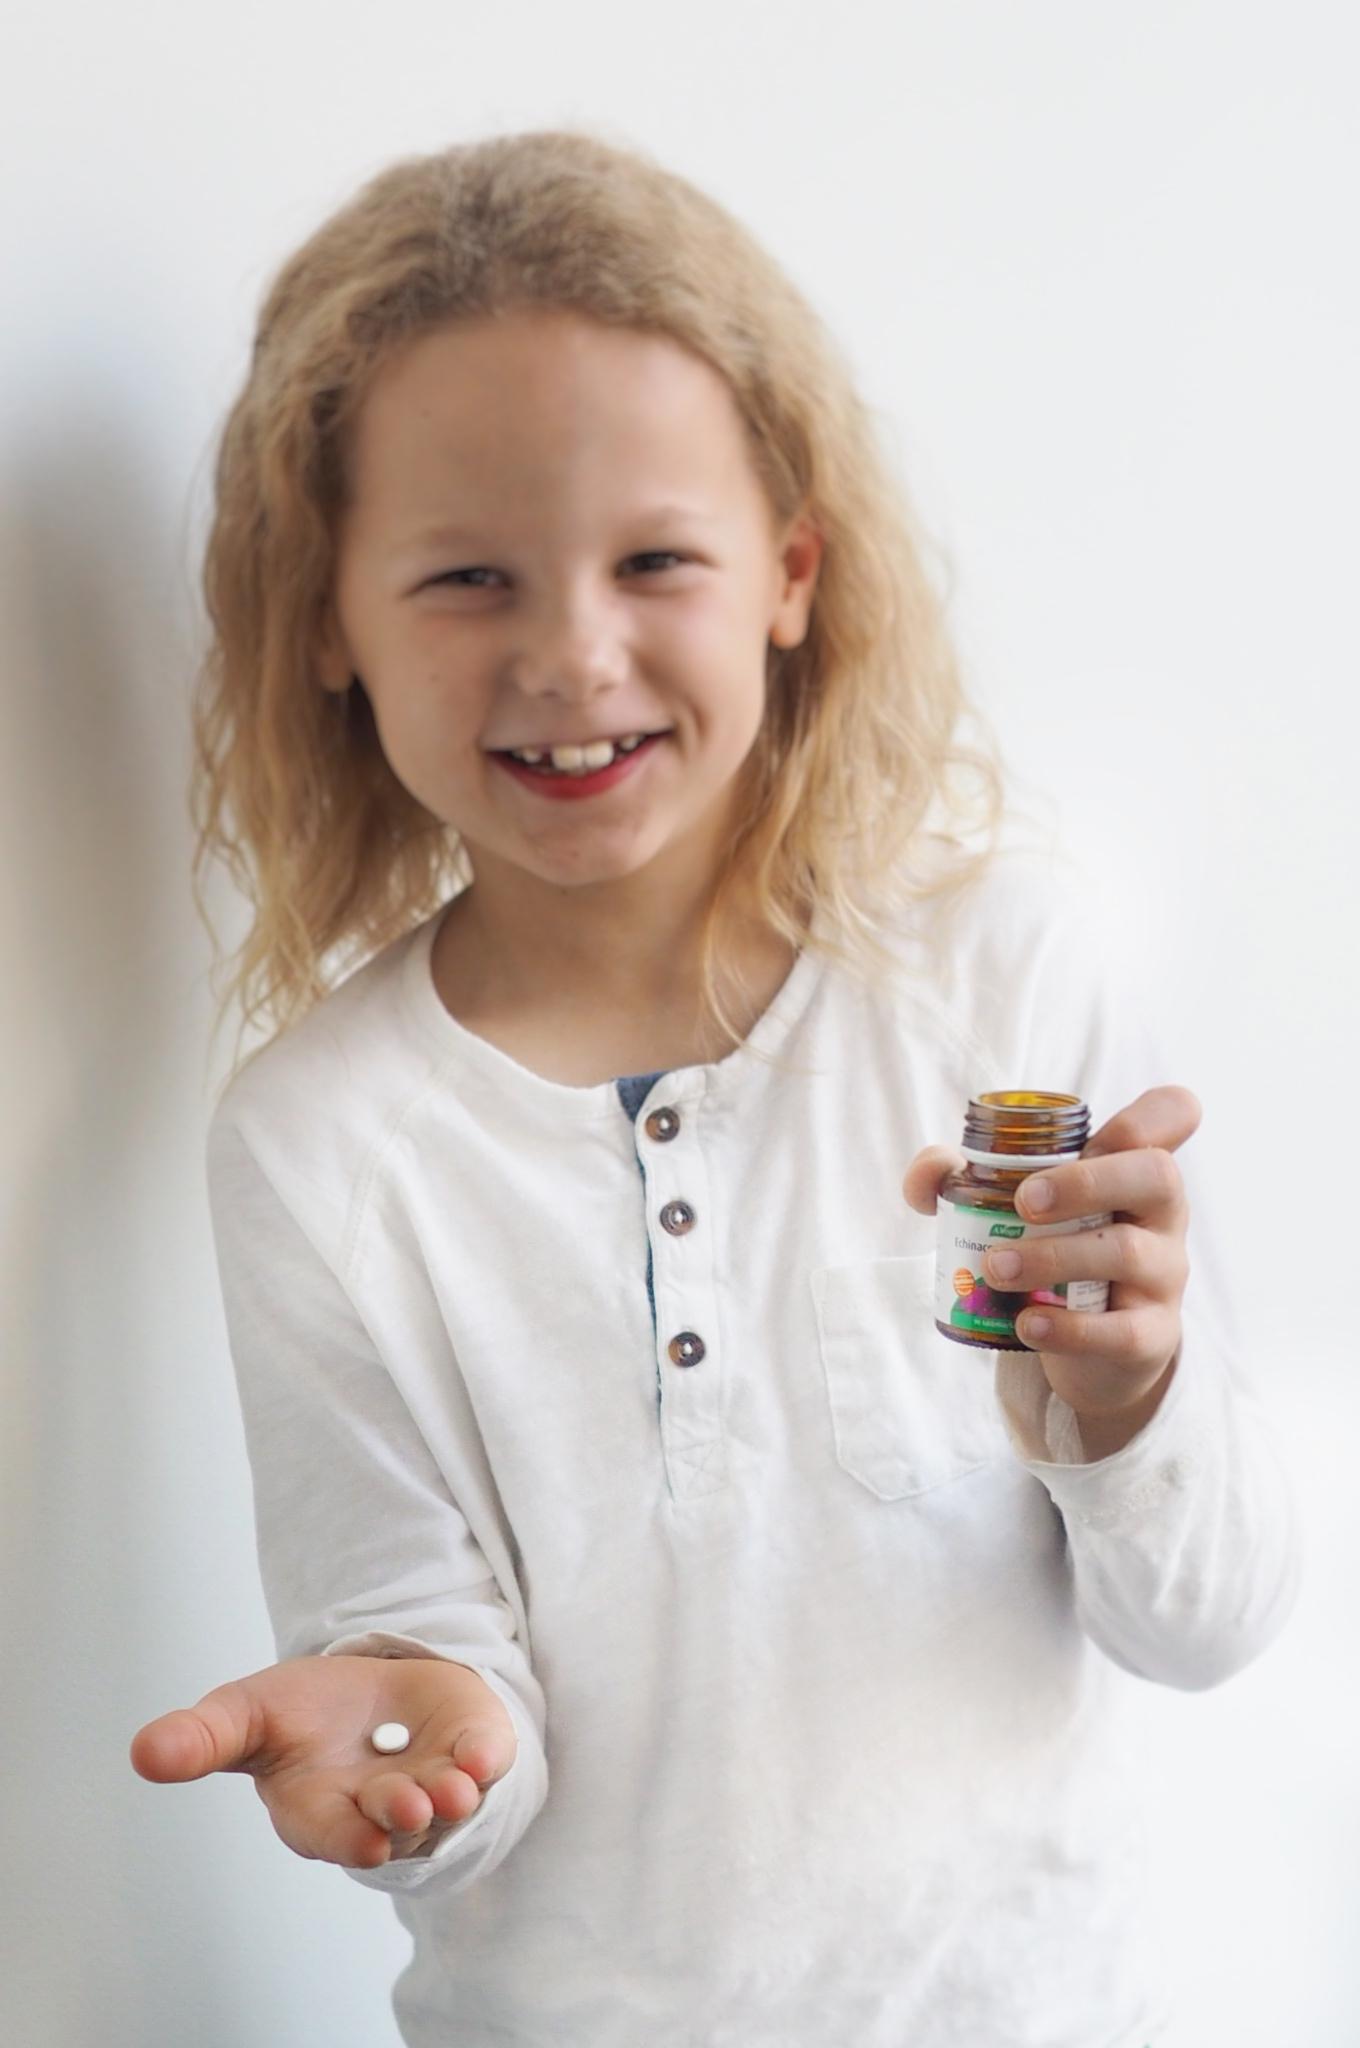 luonnollinen apu flunssakauteen Karita Tykkä